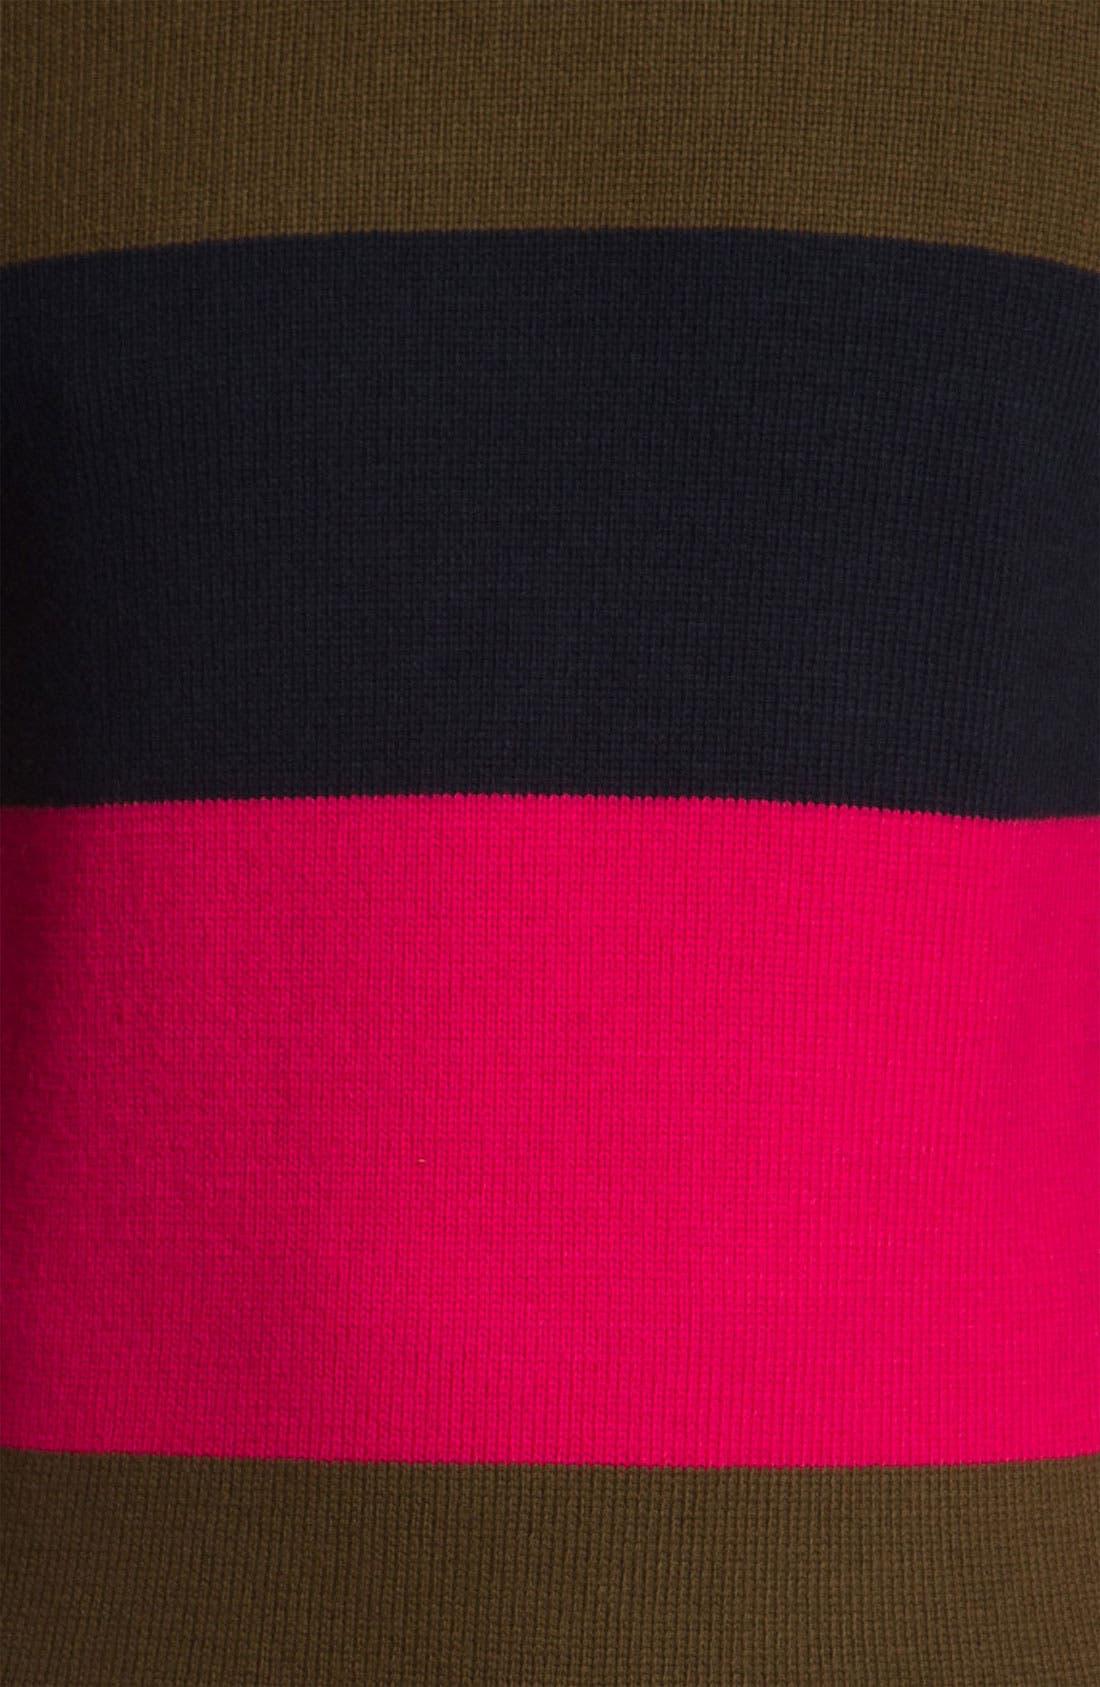 Alternate Image 3  - MARC BY MARC JACOBS 'Freddie' Wool Crewneck Sweater